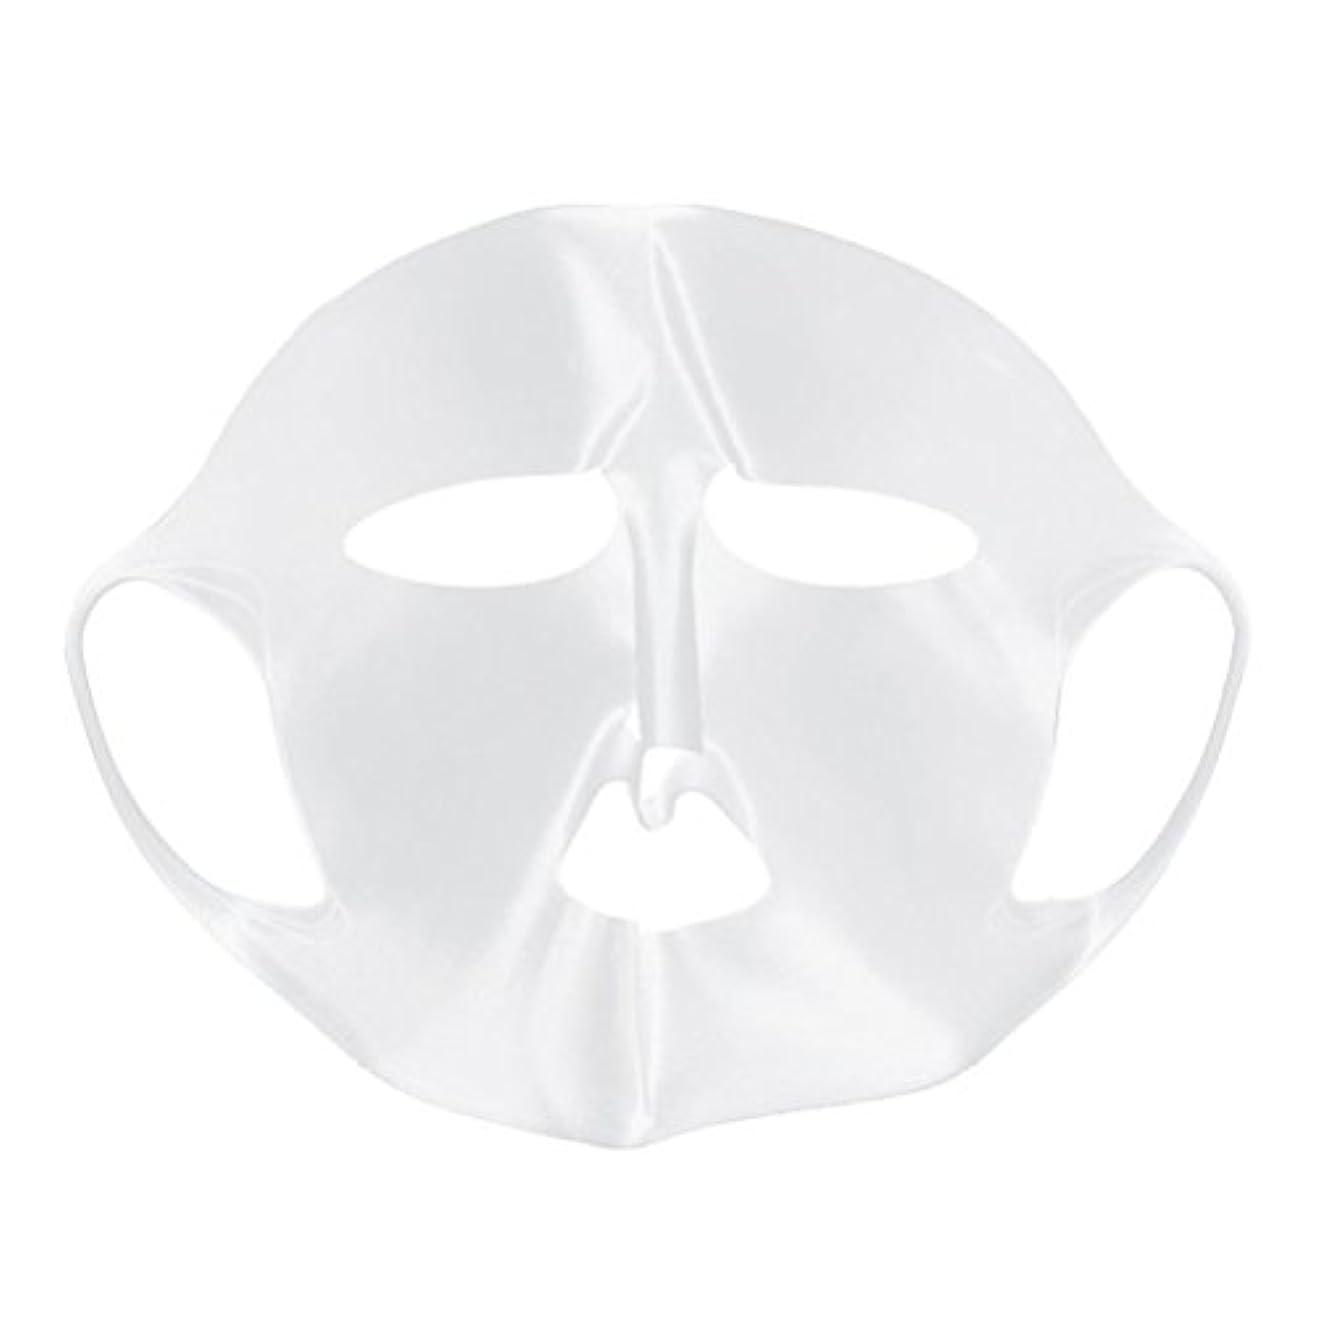 満了トランスペアレント細分化するBeaupretty シートマスクカバーのためのシリコーンの再使用可能な顔のマスクカバー顔の保湿マスク